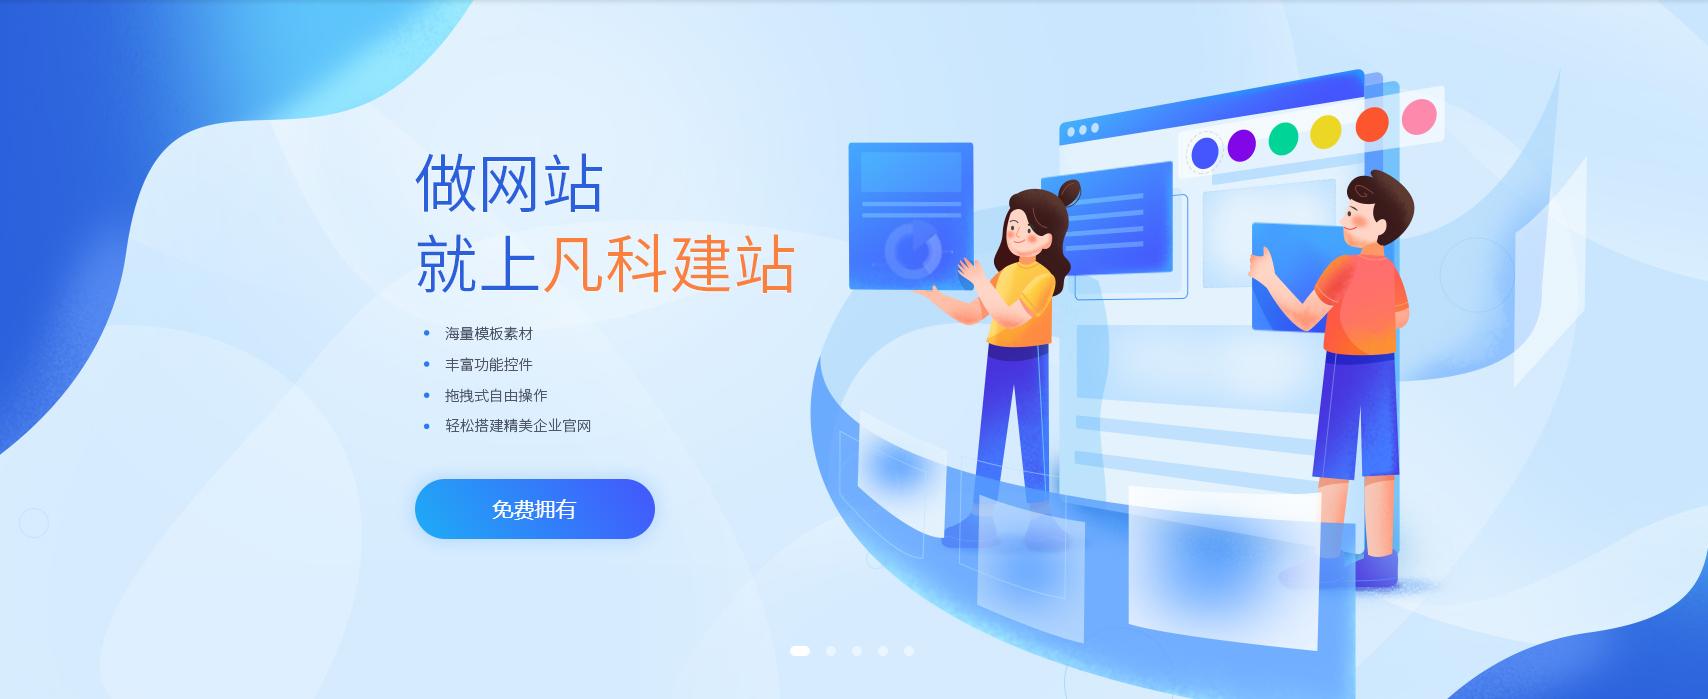 企业创建网站